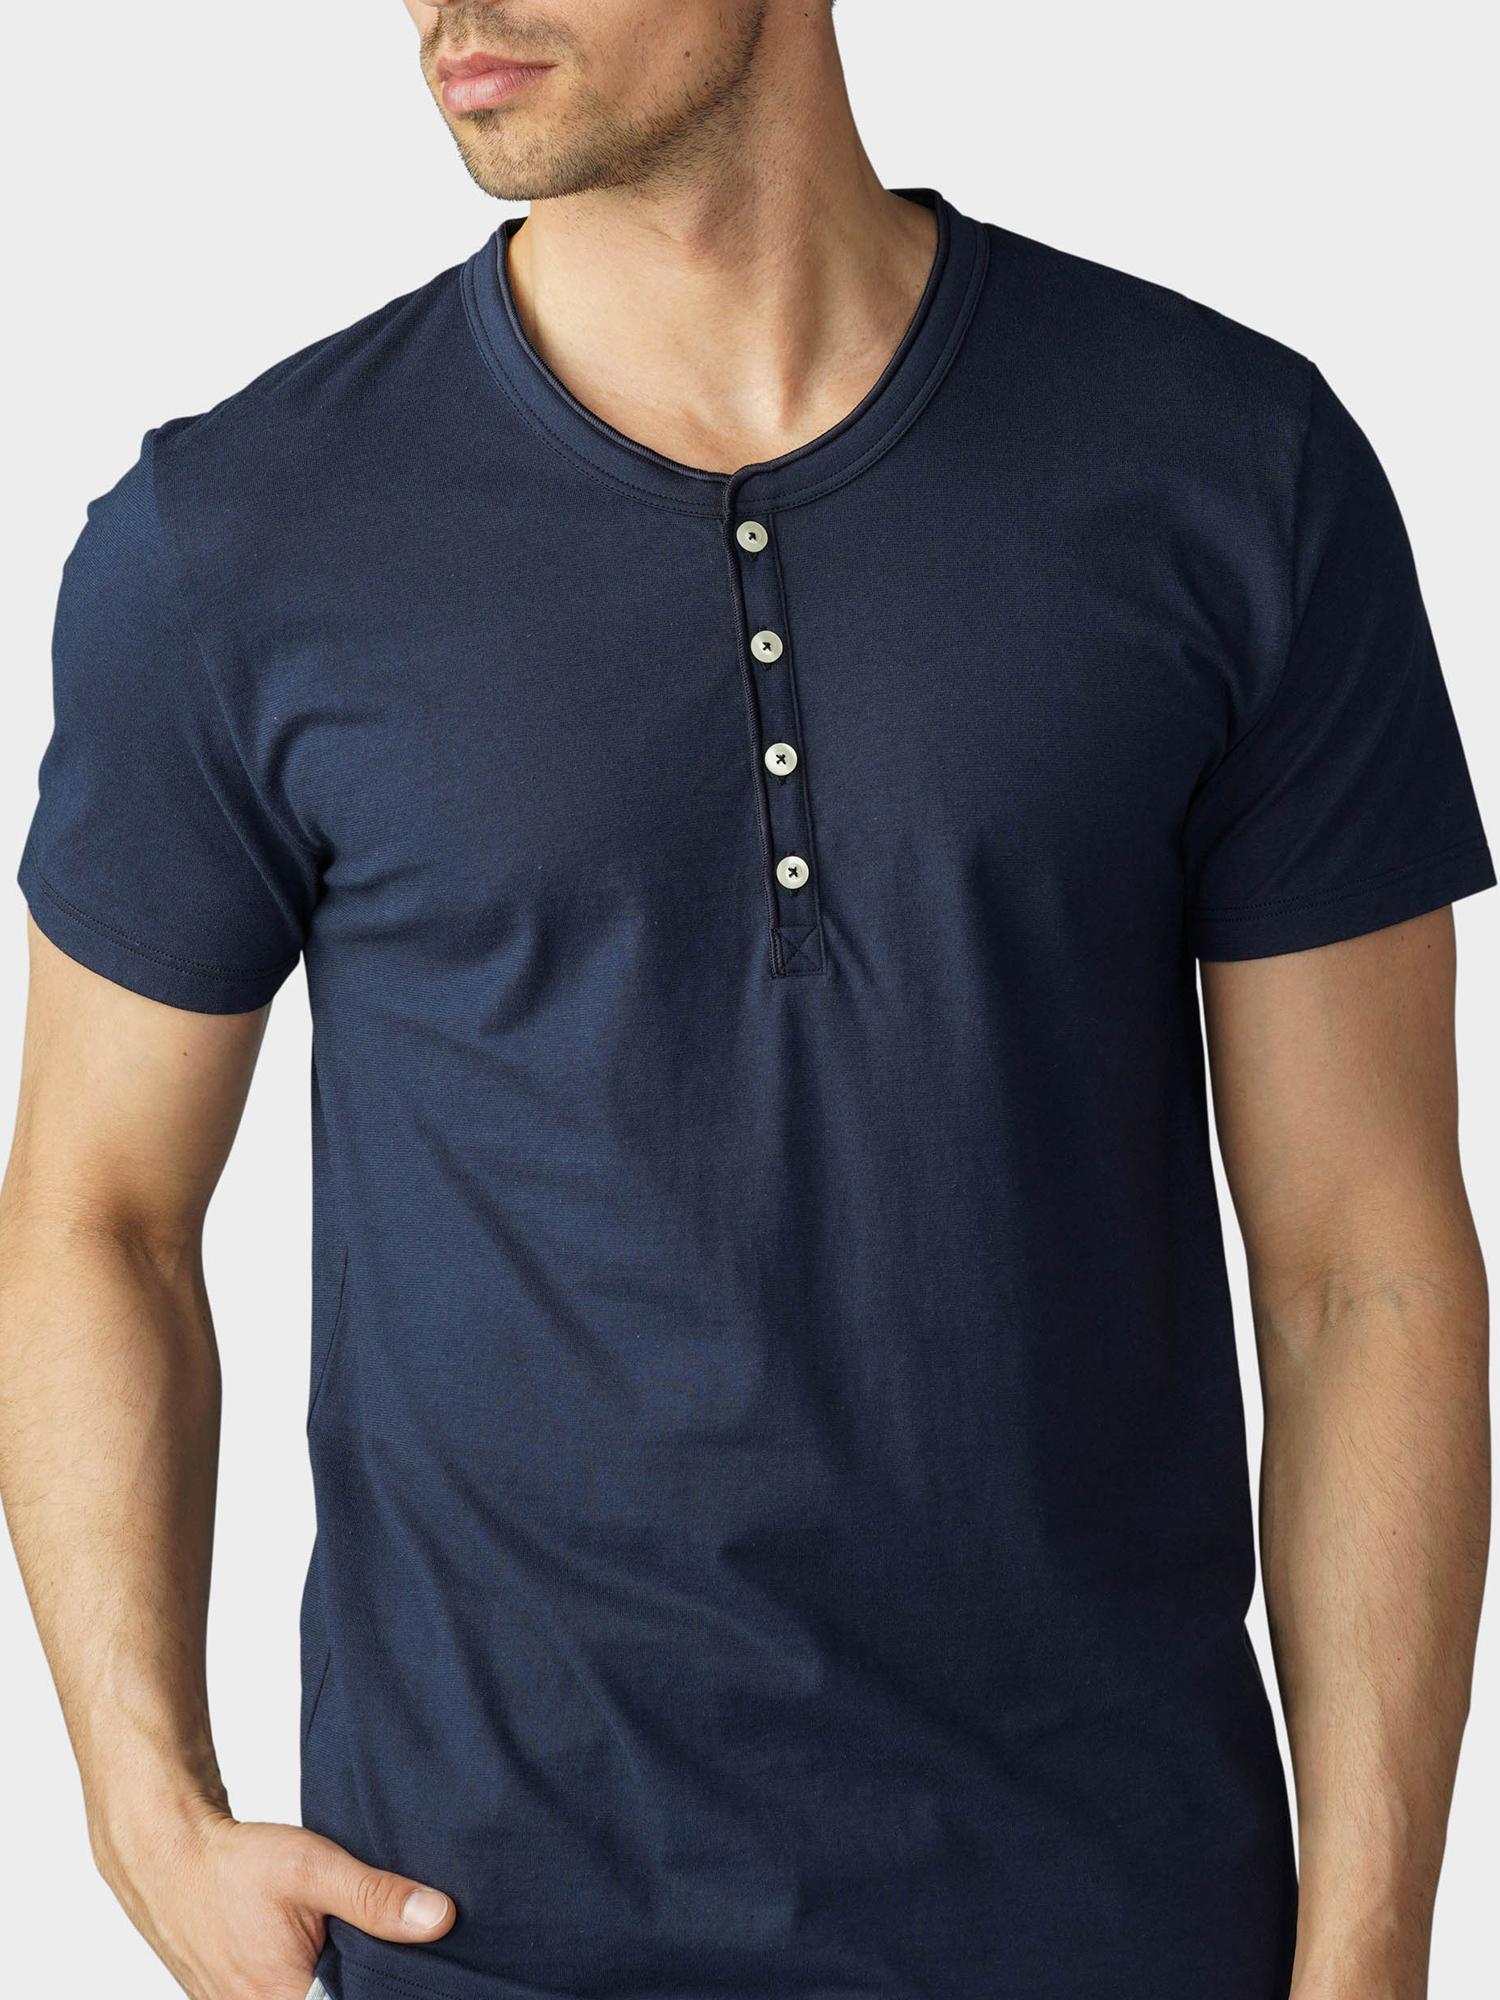 Herren Shirts im Sale   mey®